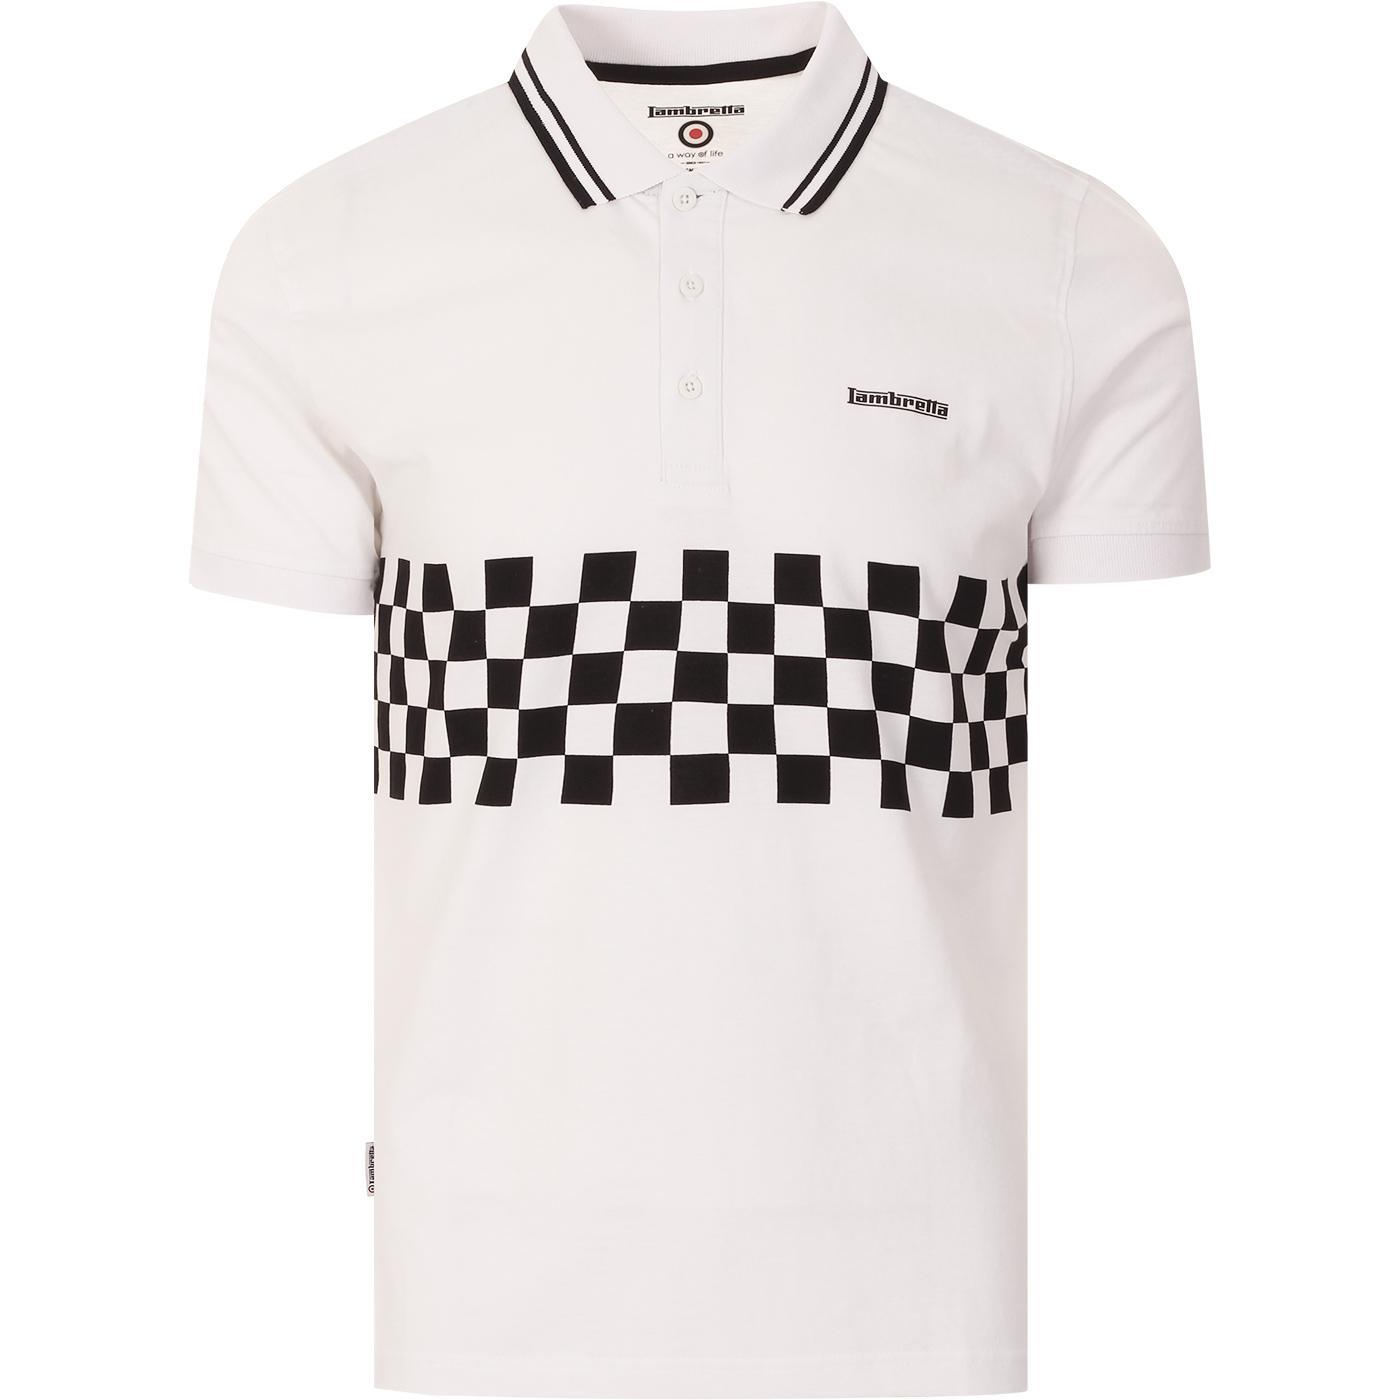 LAMBRETTA Mod Ska Checkerboard Polo Top (White)